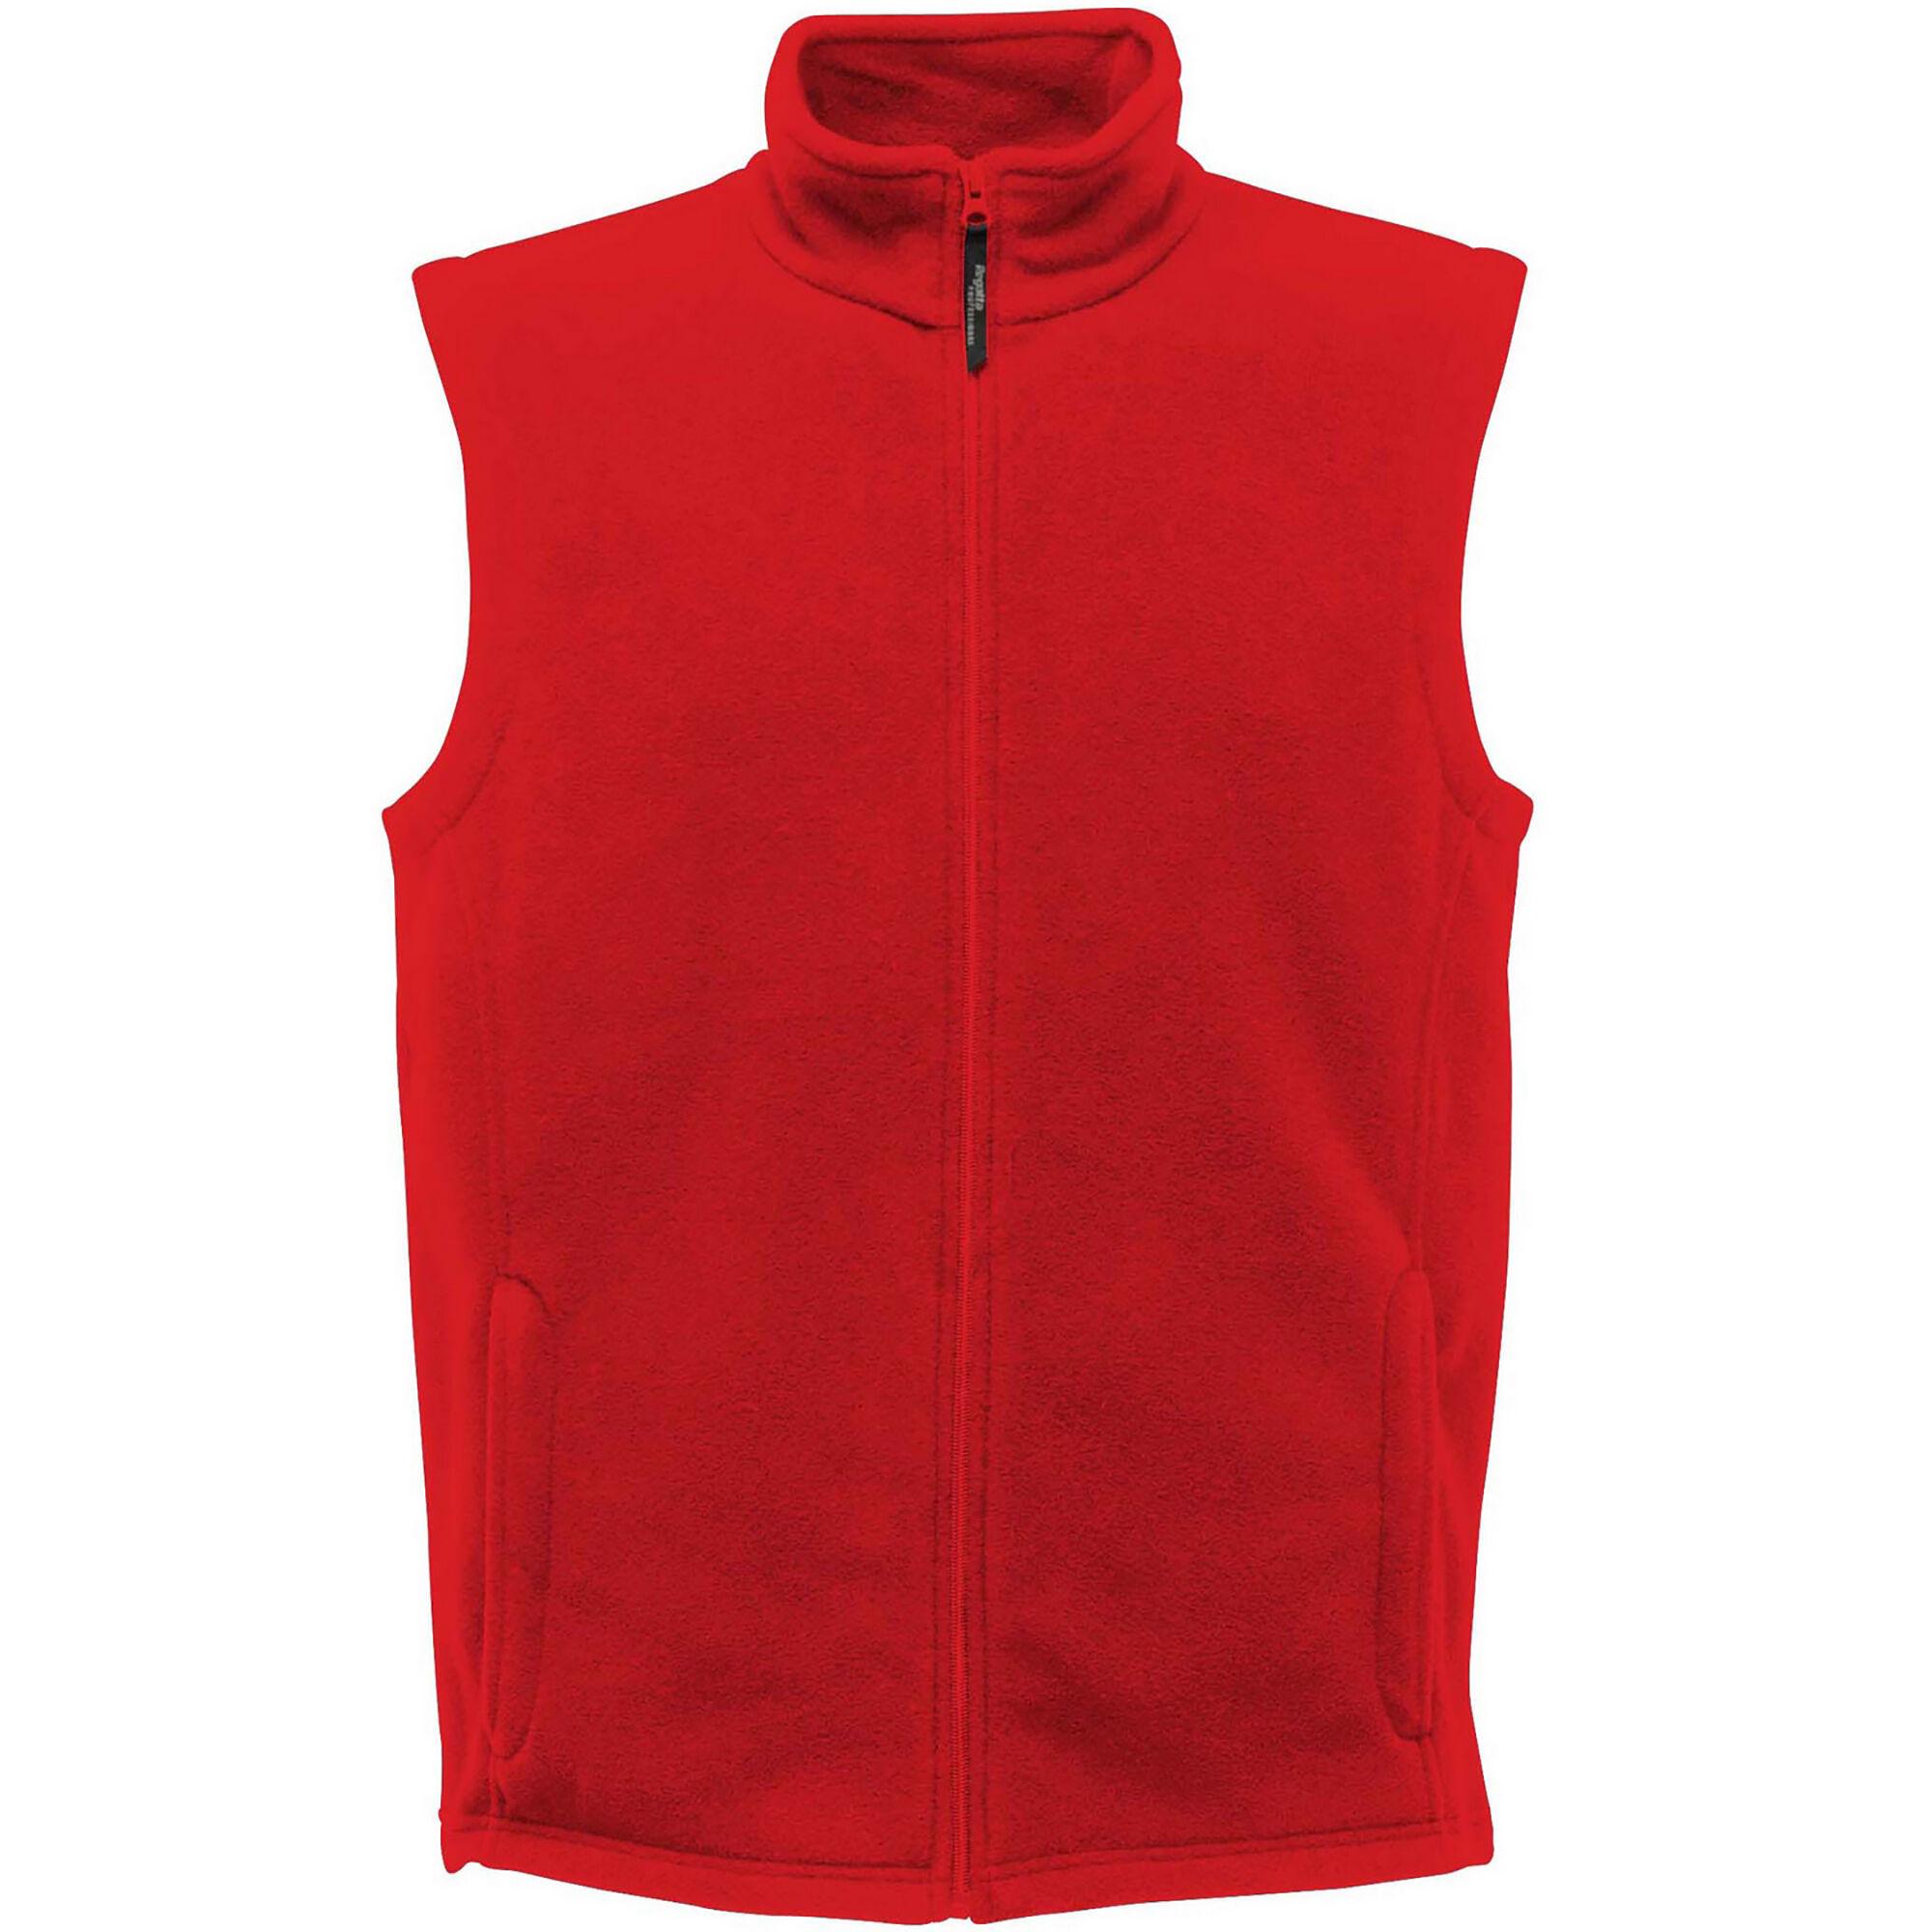 Regatta - Veste Polaire Sans Manches - Homme (Rouge) - UTRW3193